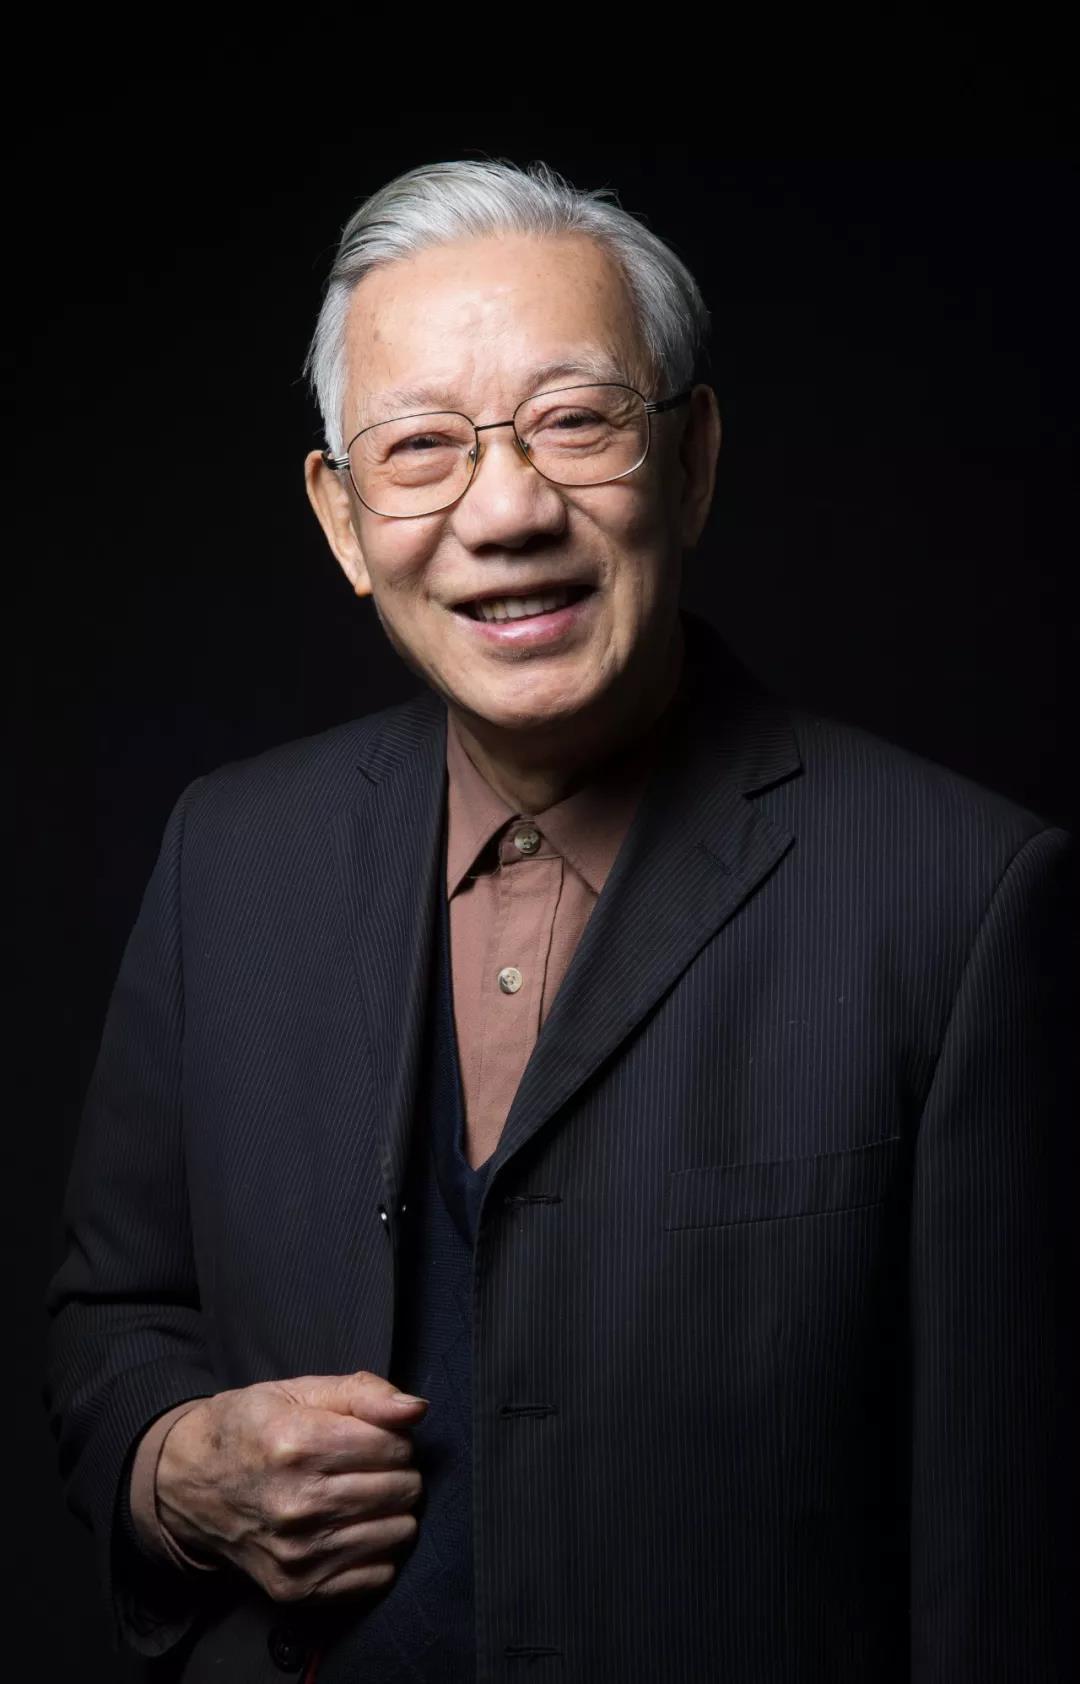 著名加速器物理学家方守贤因病逝世